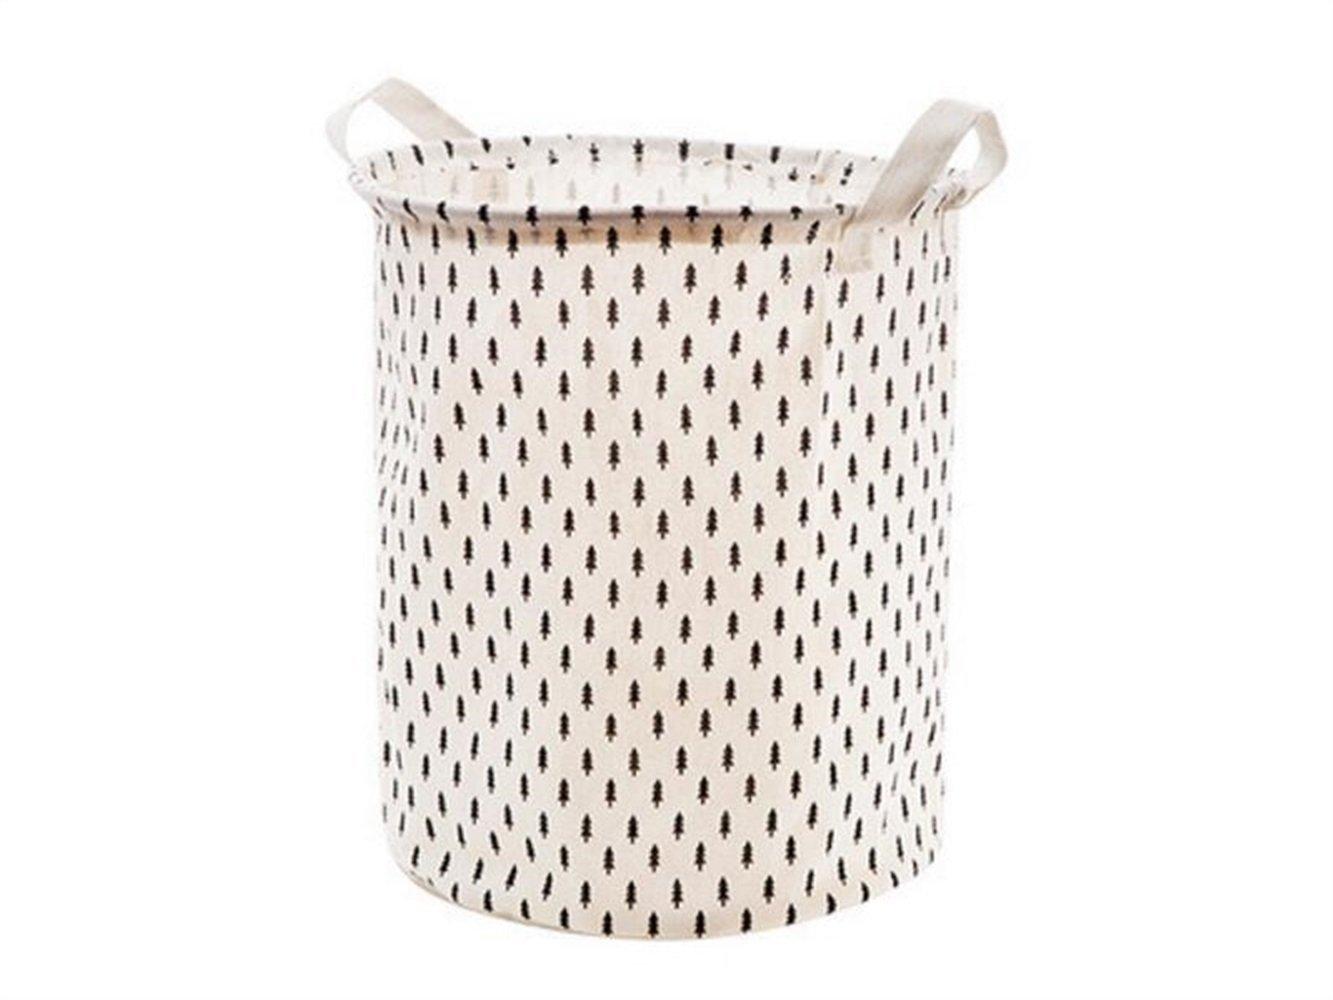 Gelaiken Lightweight Tree Pattern Tote Storage Basket Waterproof Storage Bucket Cotton and Linen Storage Box (White)